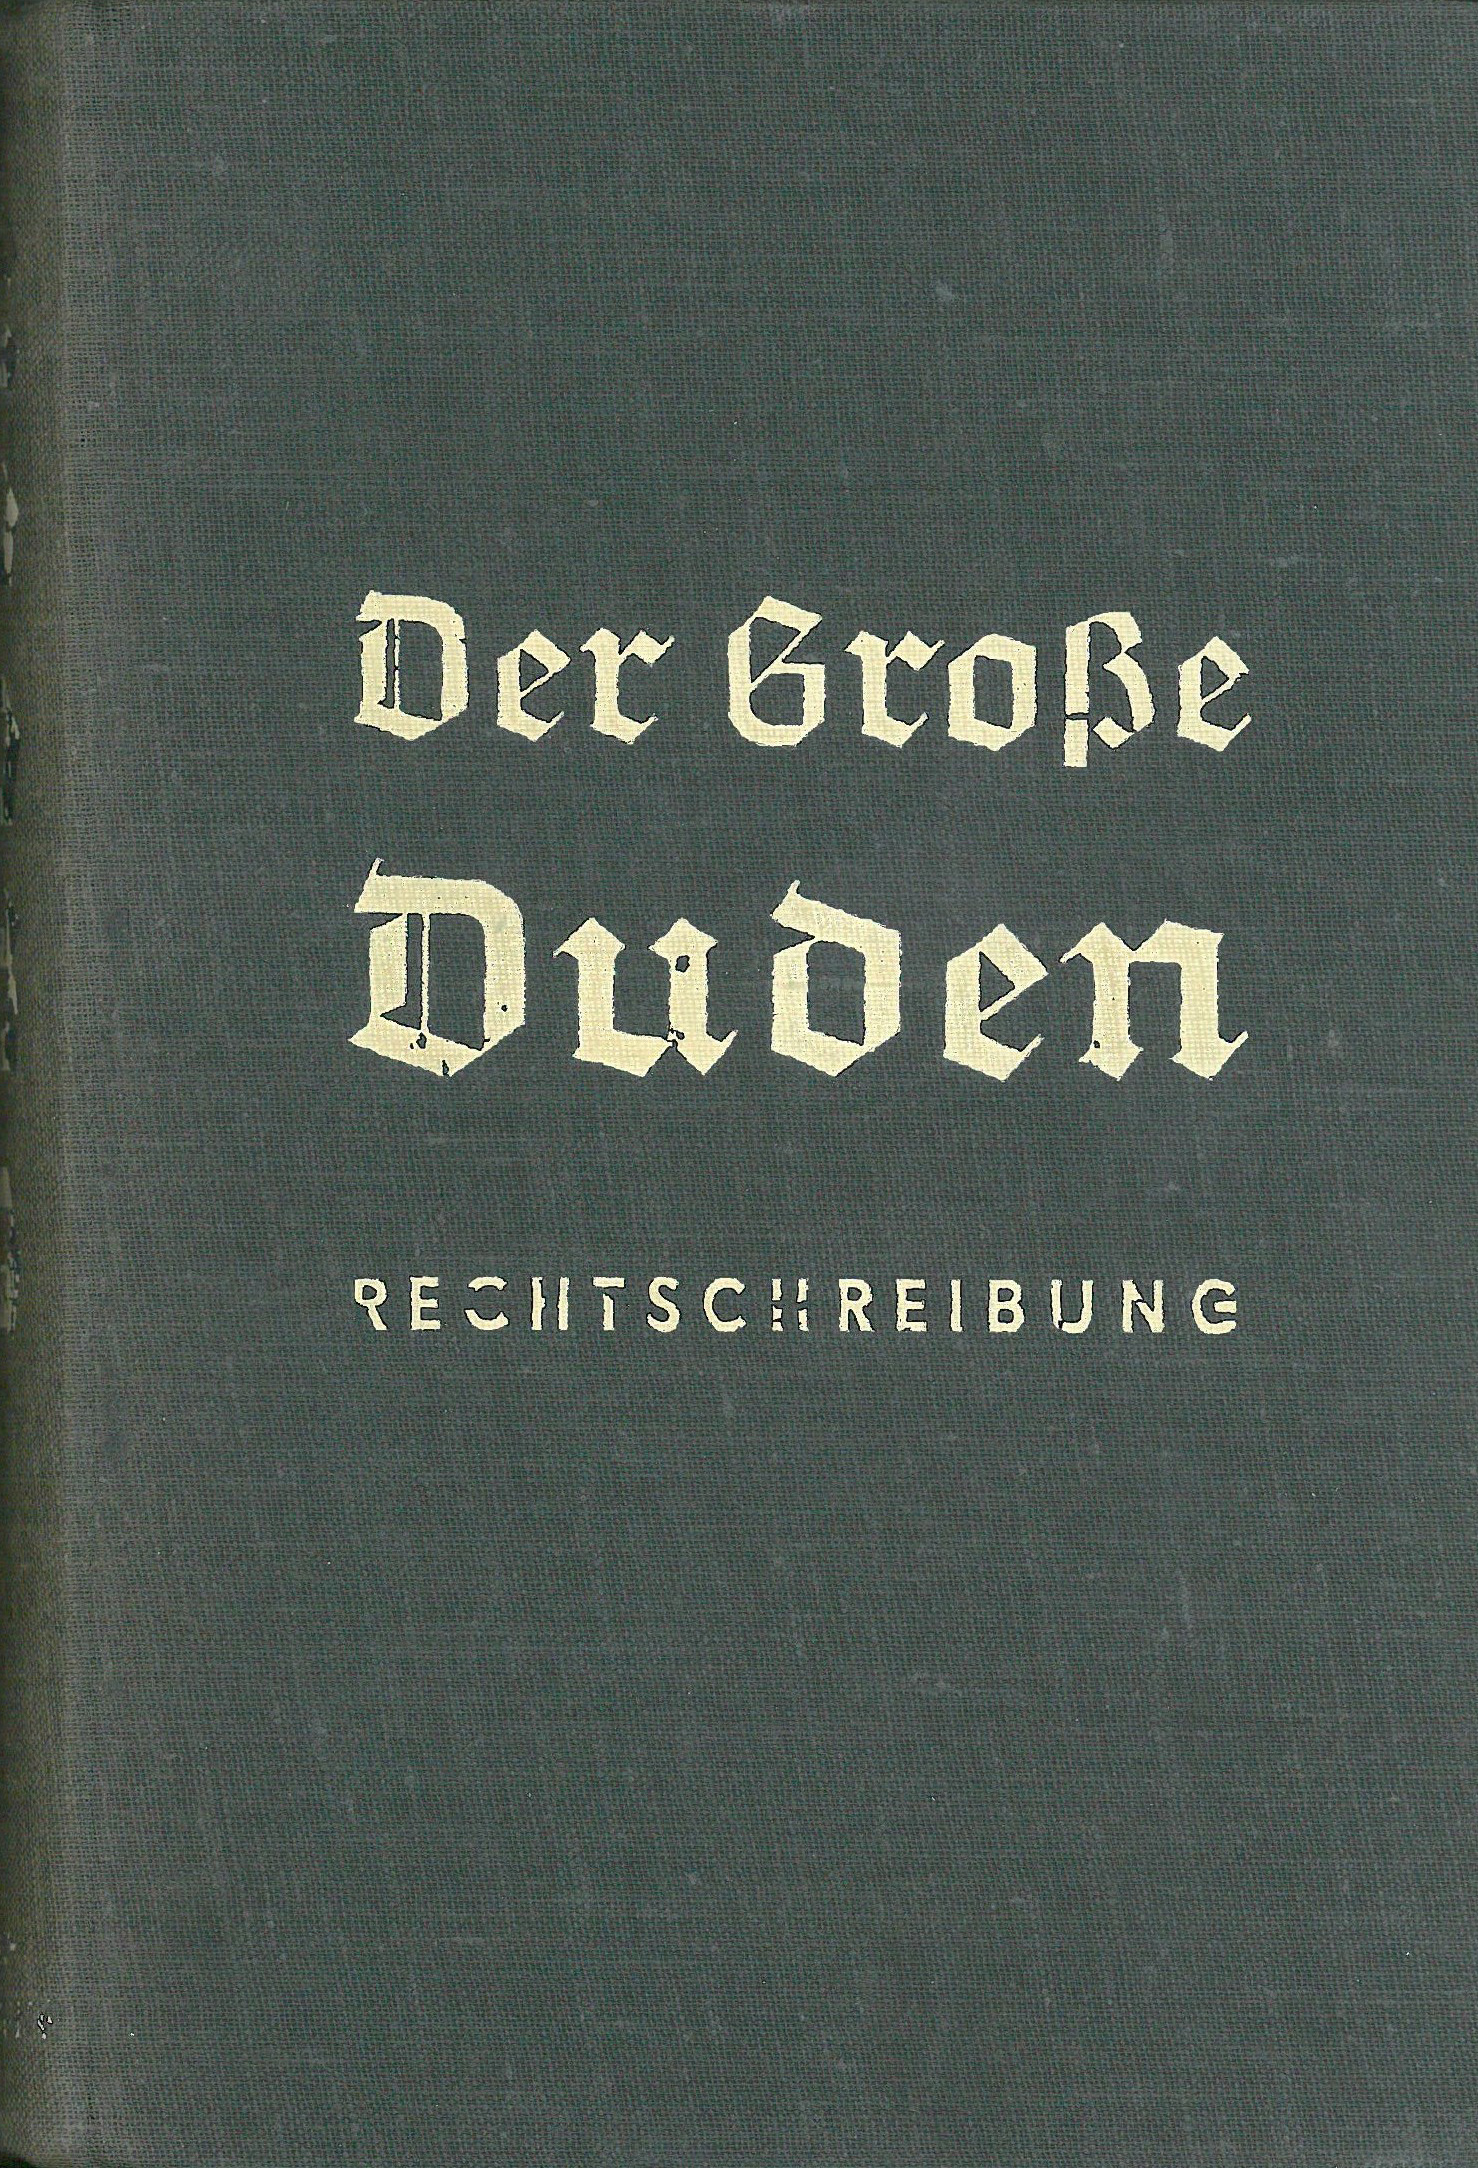 Buchcover Duden von 1934